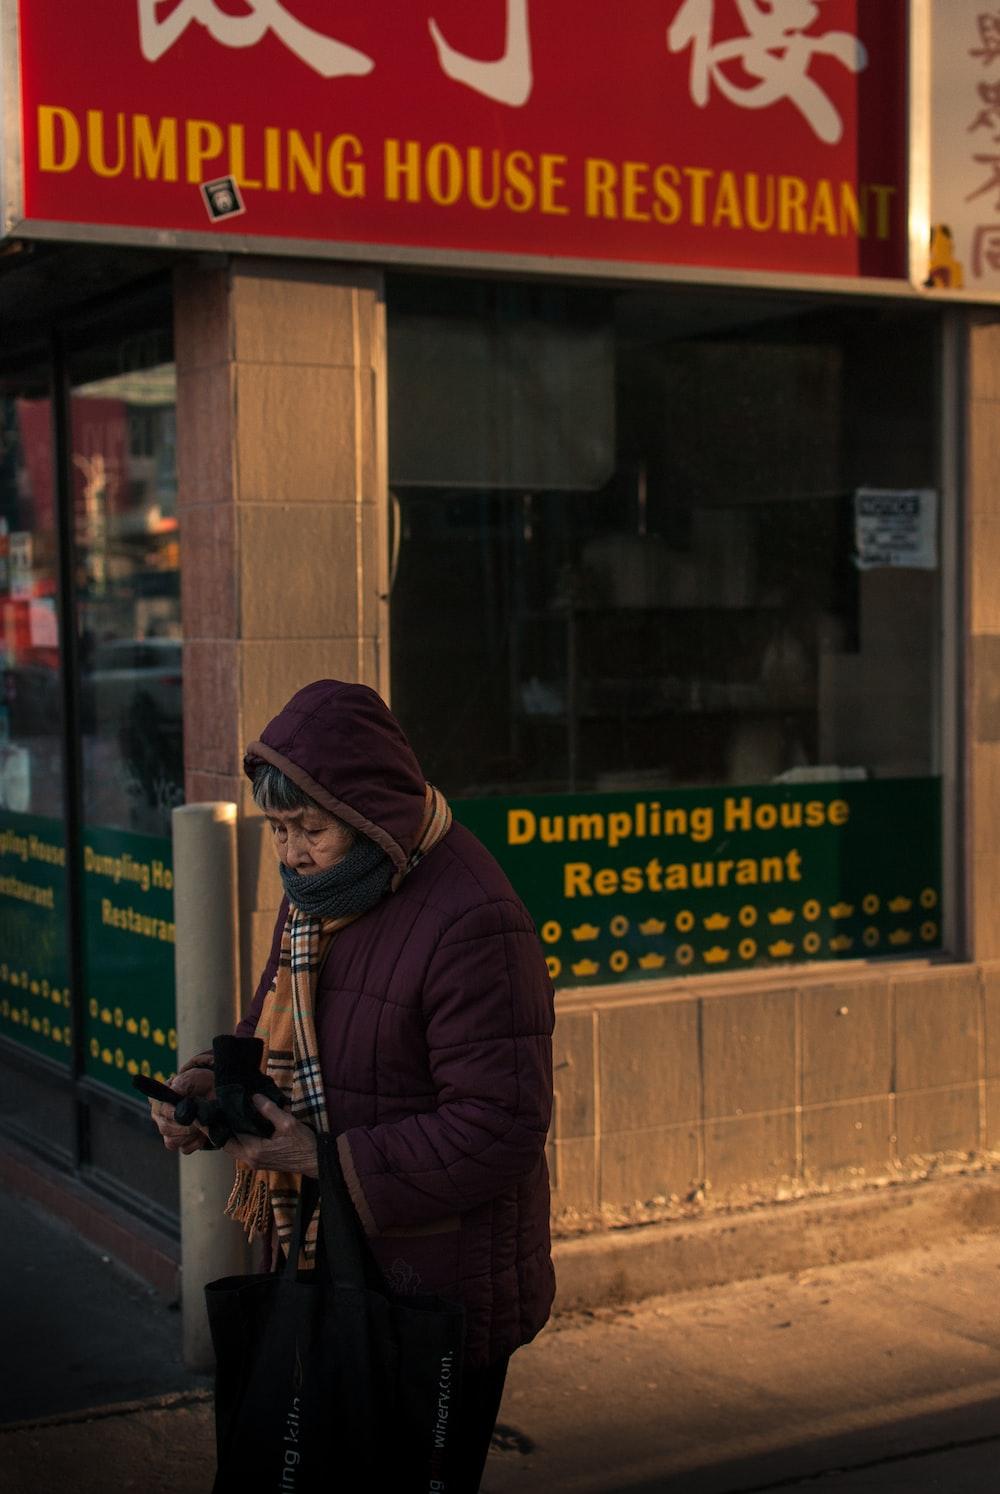 woman passing through dumpling restaurant